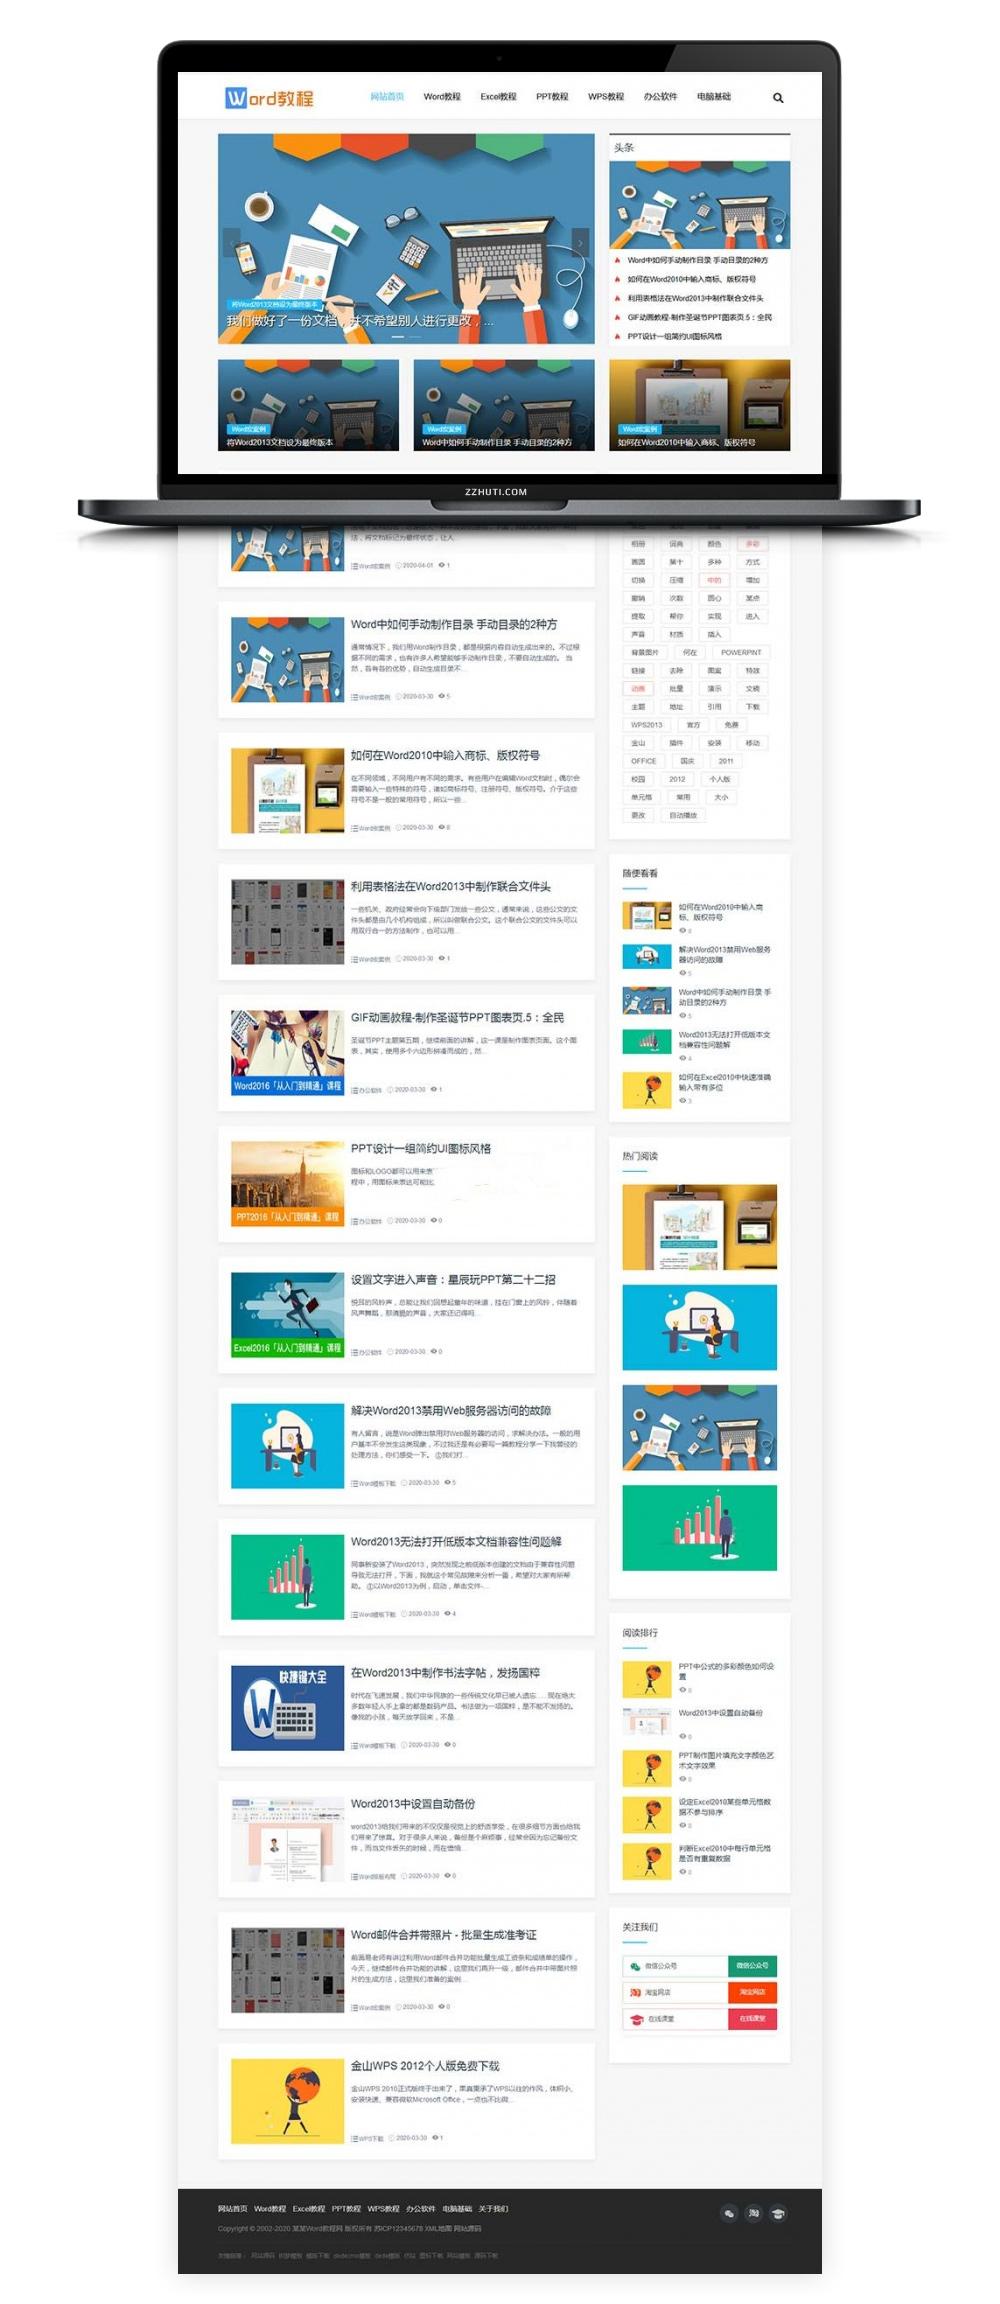 【织梦虚拟教程站模板】HTML响应式虚拟网盘资源教程类文章DEDECMS网站源码-蓝汇源码